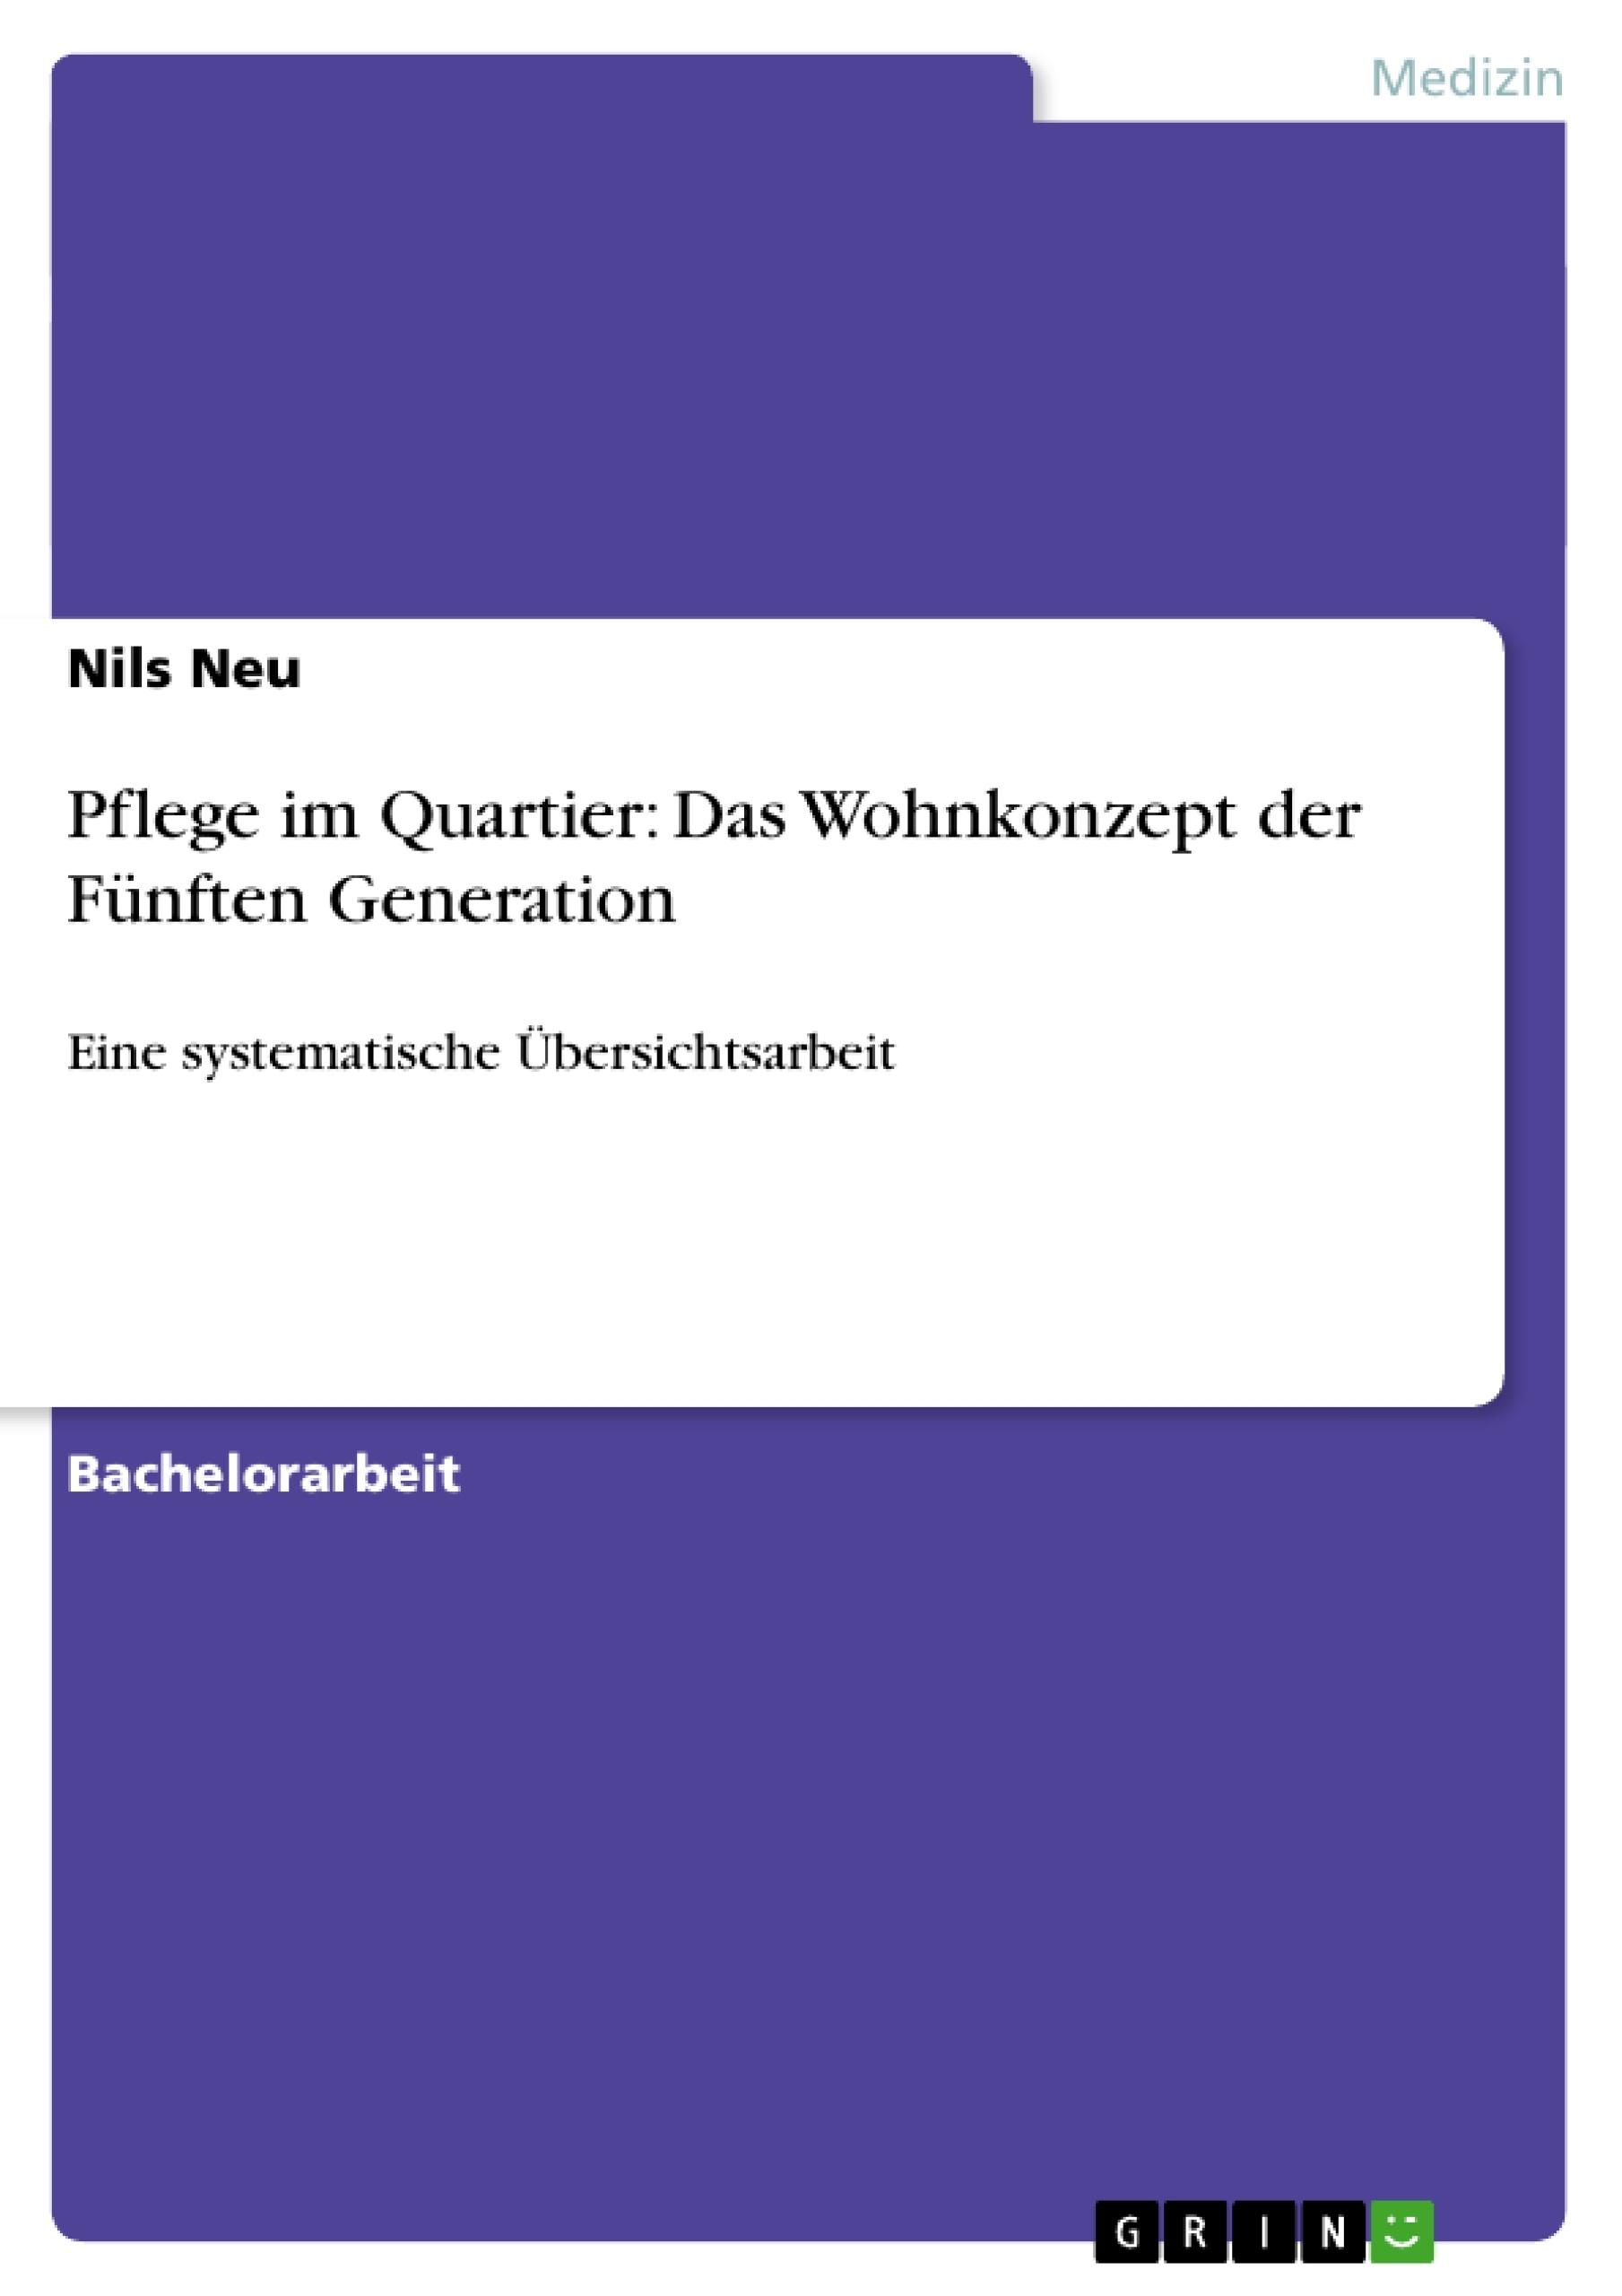 Titel: Pflege im Quartier: Das Wohnkonzept der Fünften Generation